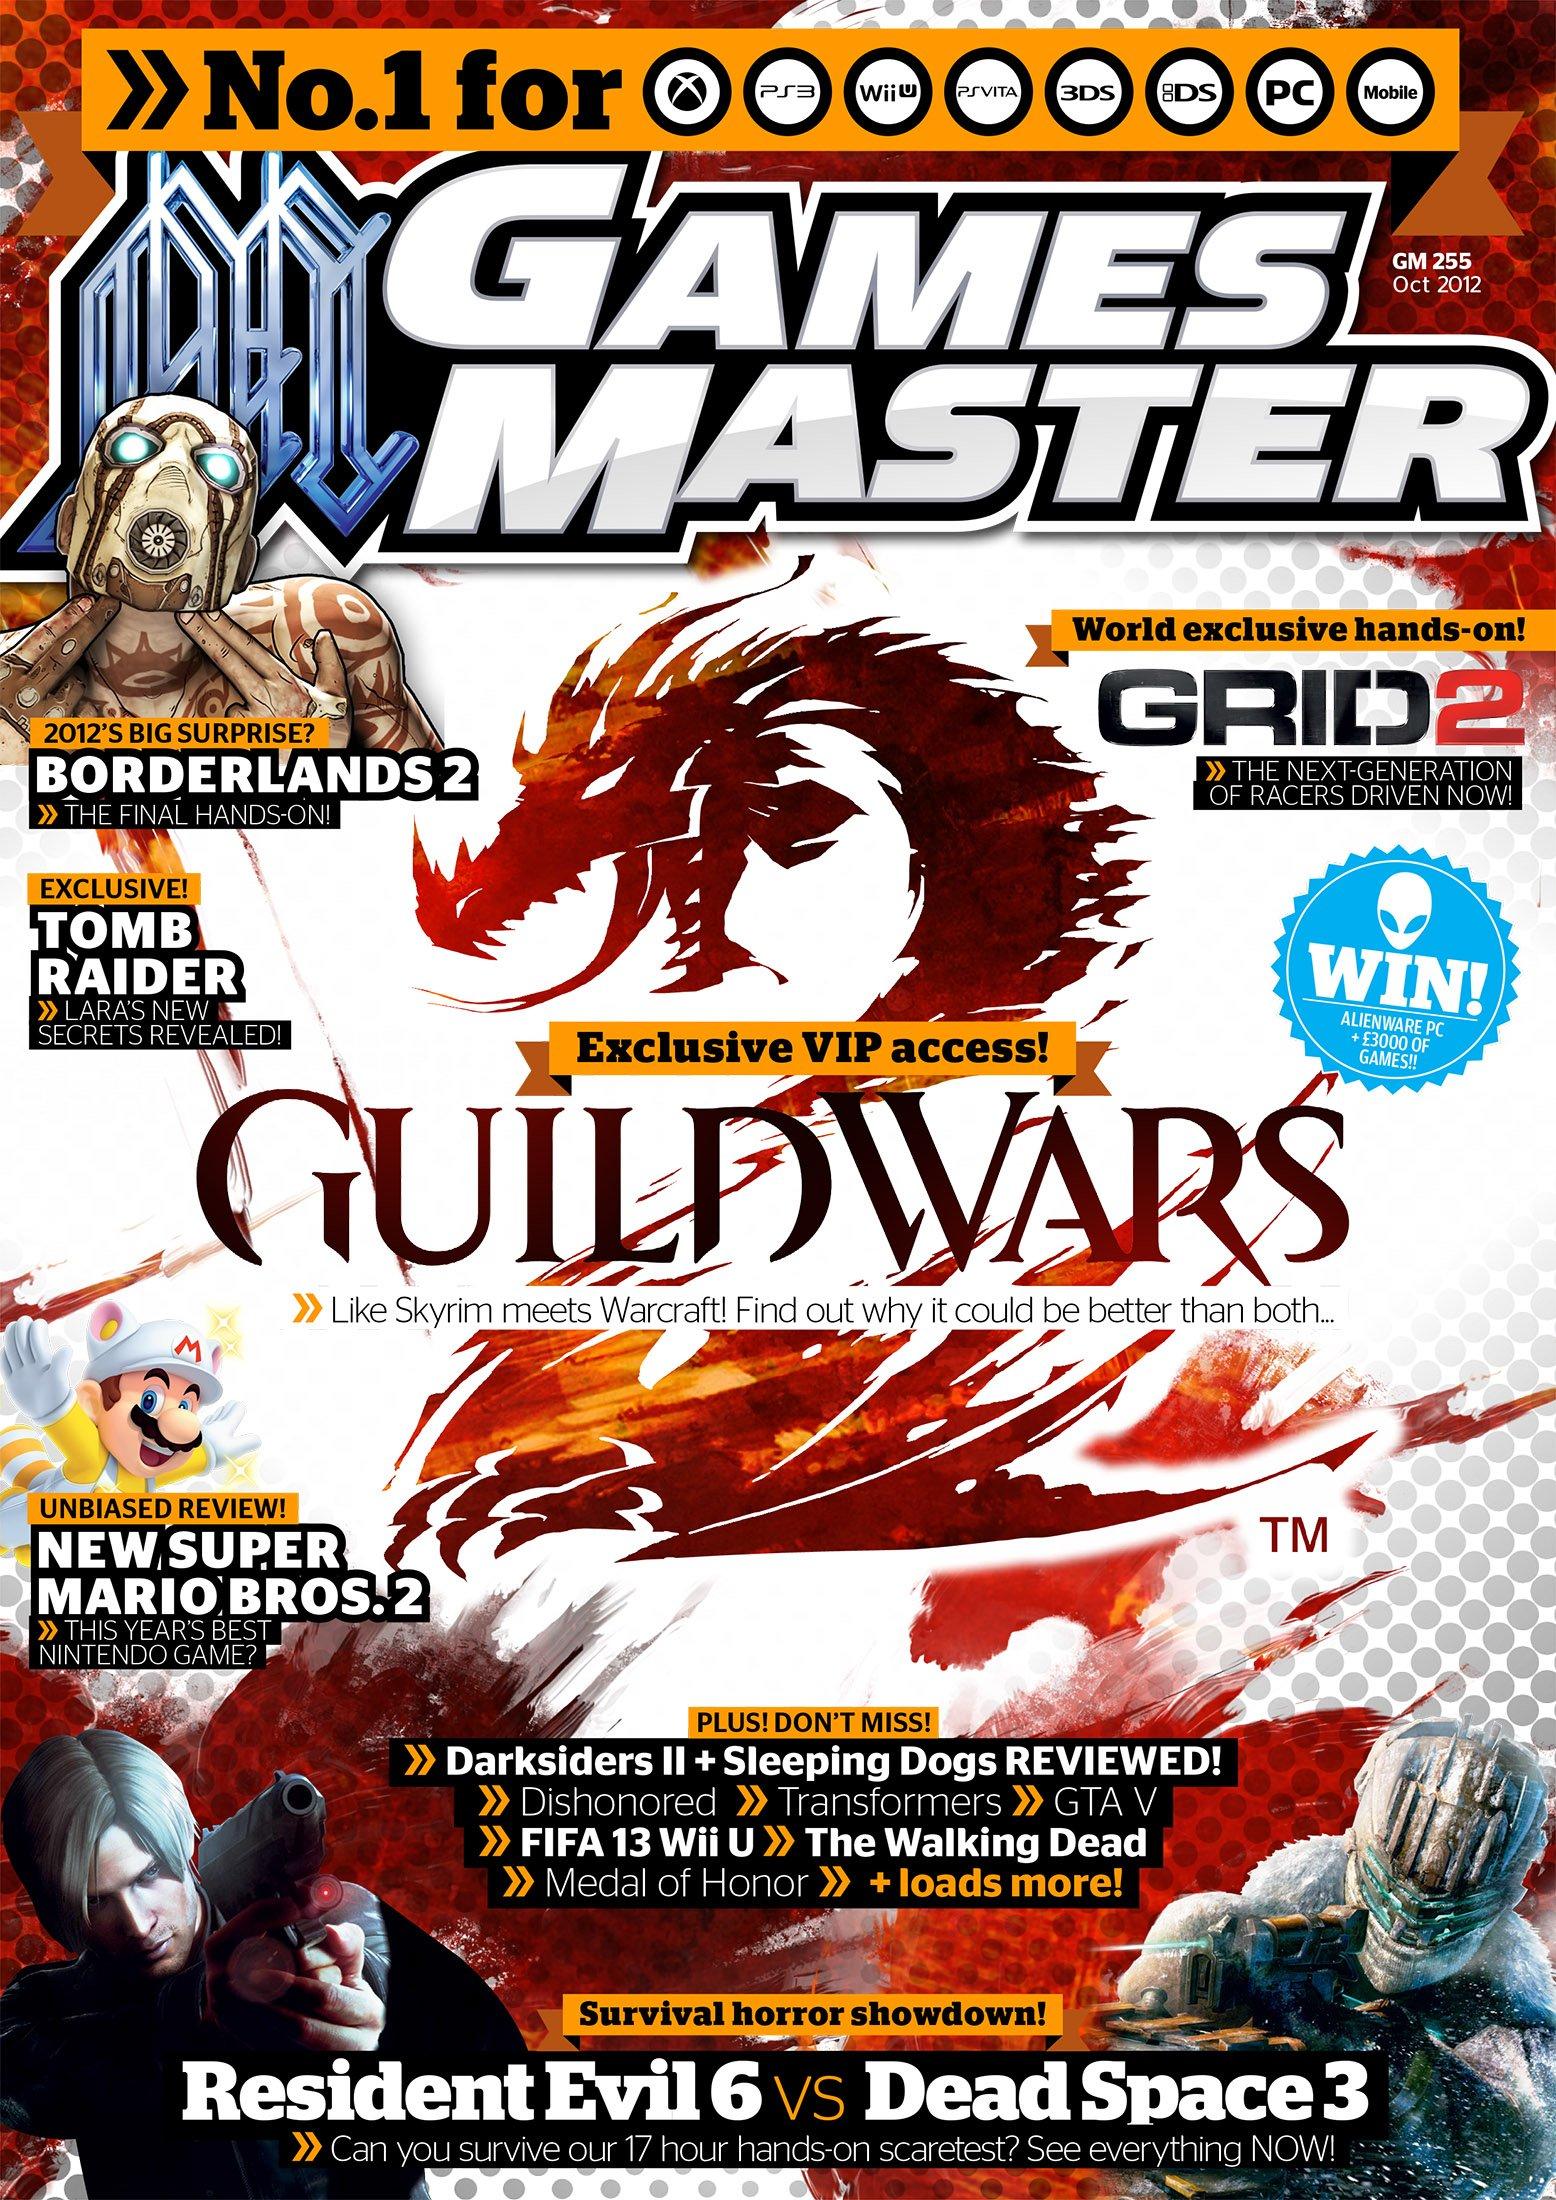 GamesMaster Issue 255 (October 2012) (digital edition)